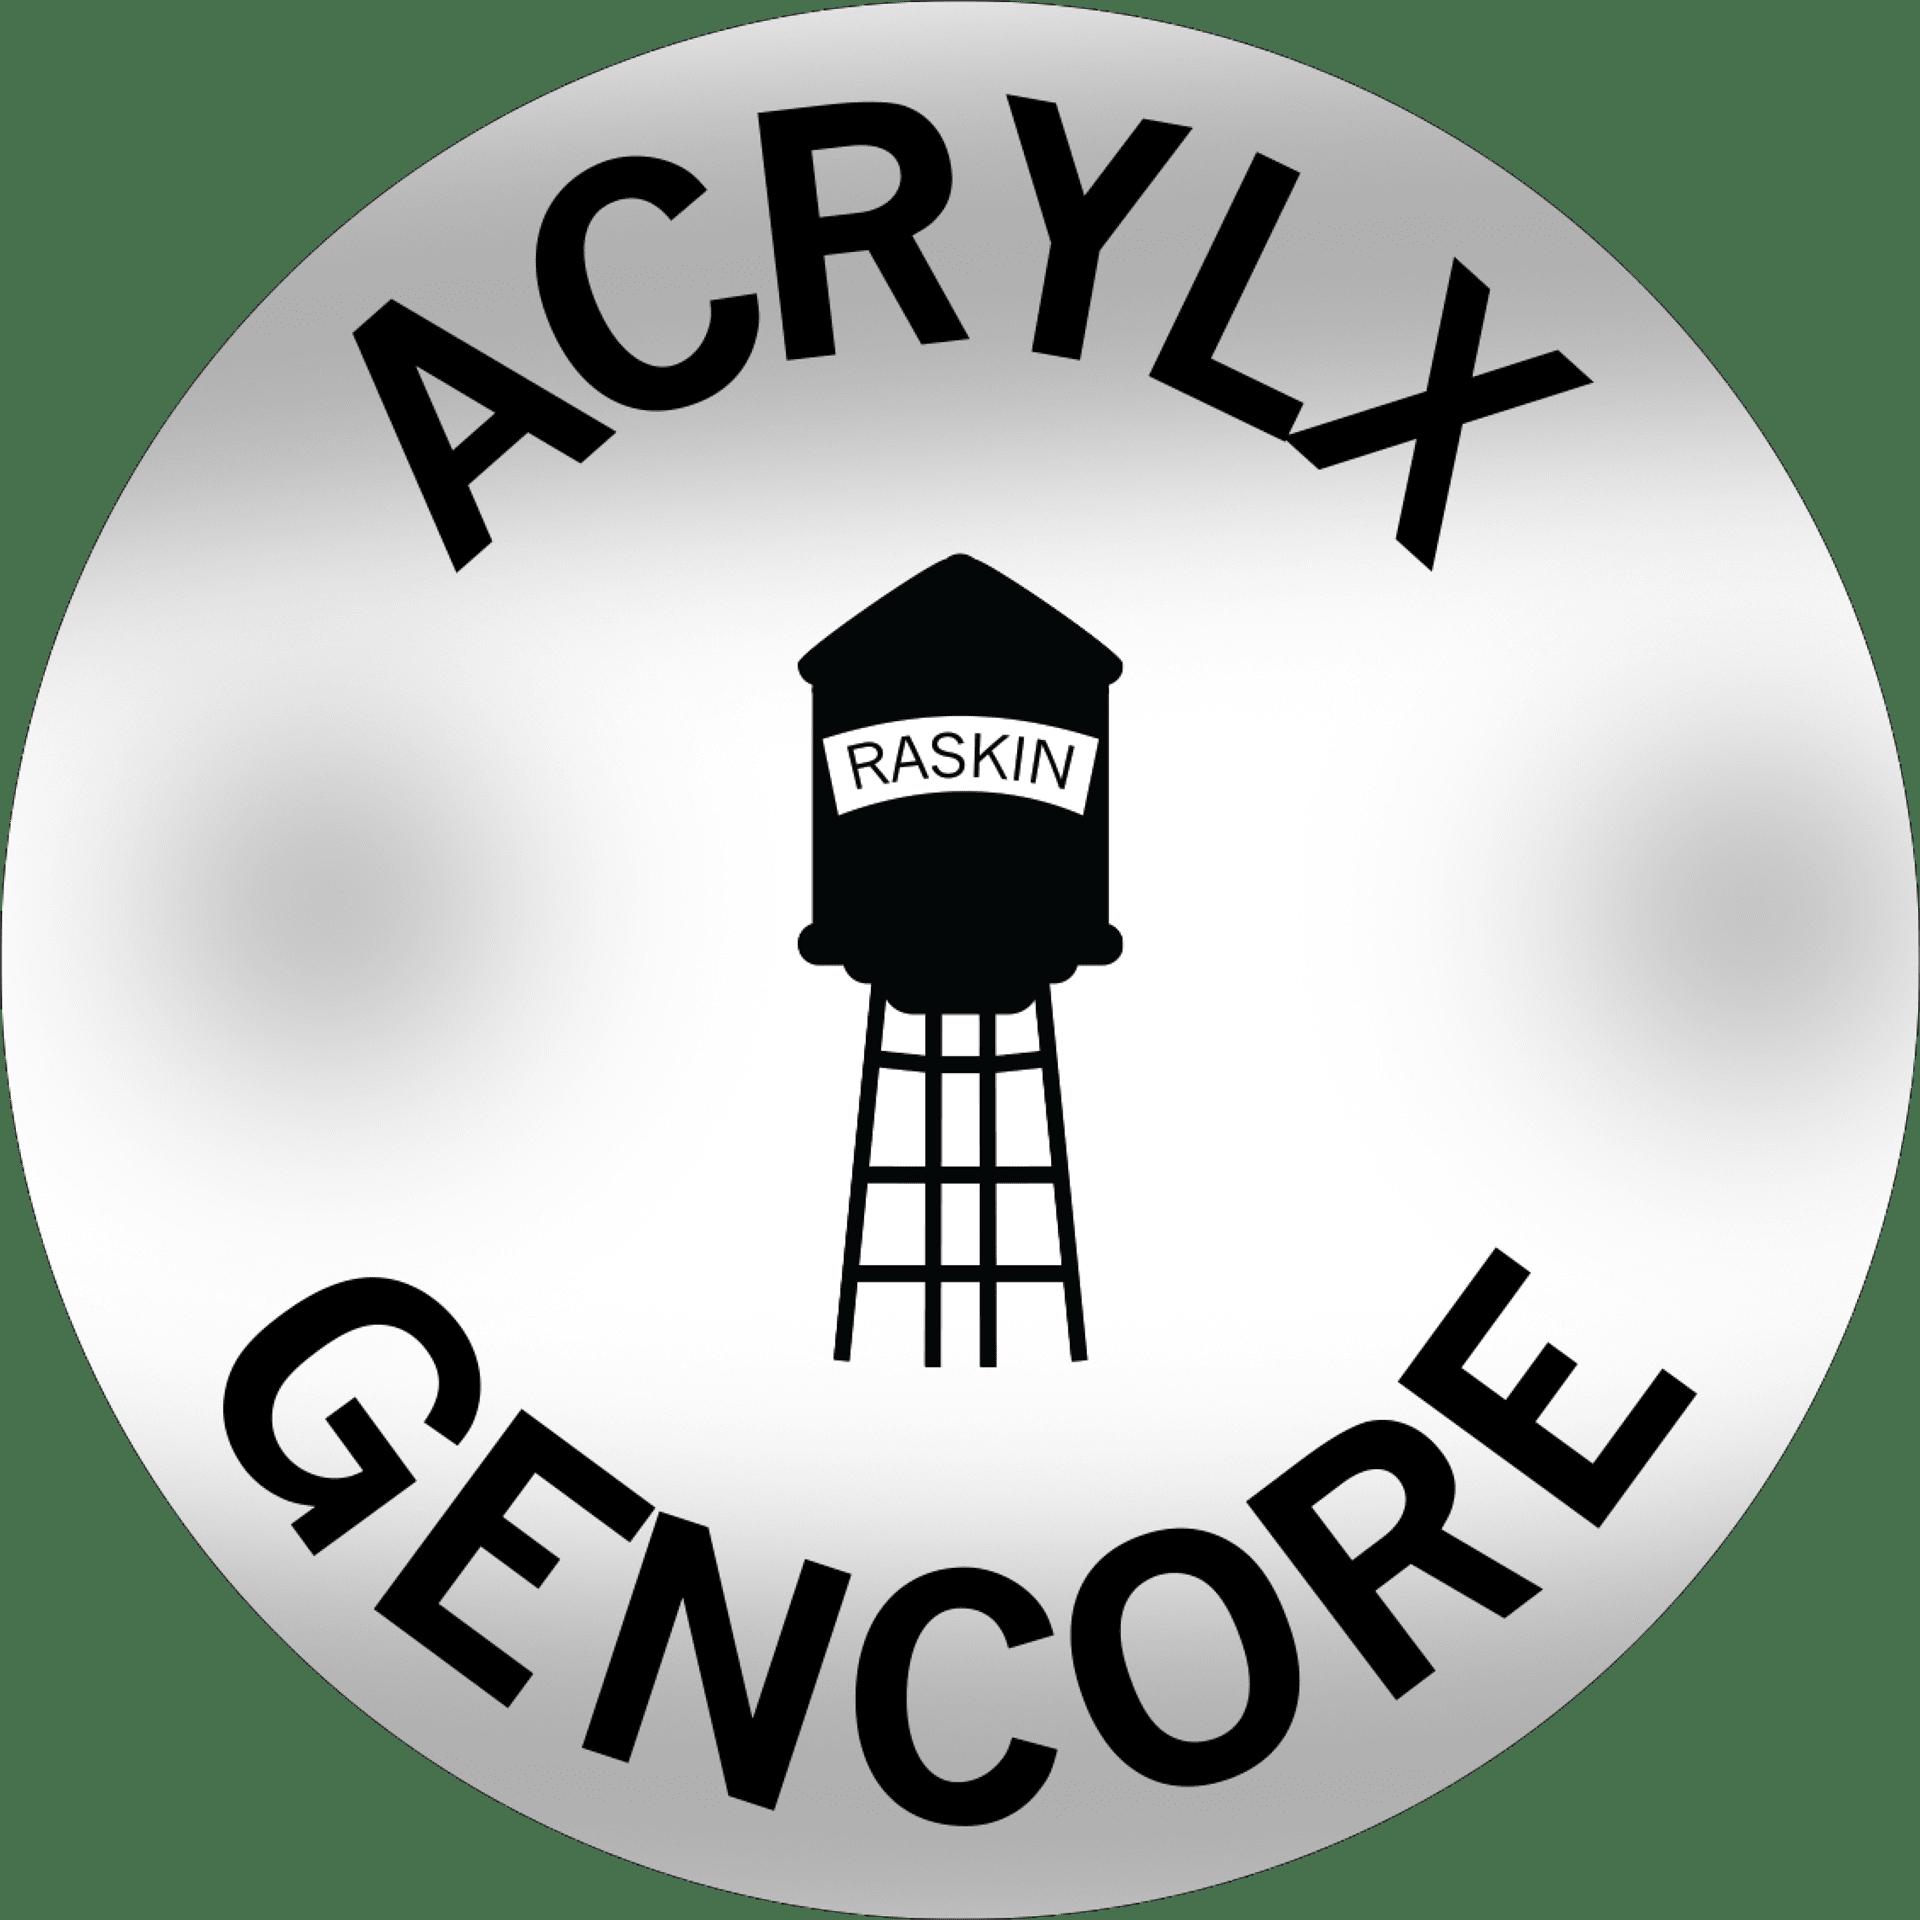 Acrylx-Gencore